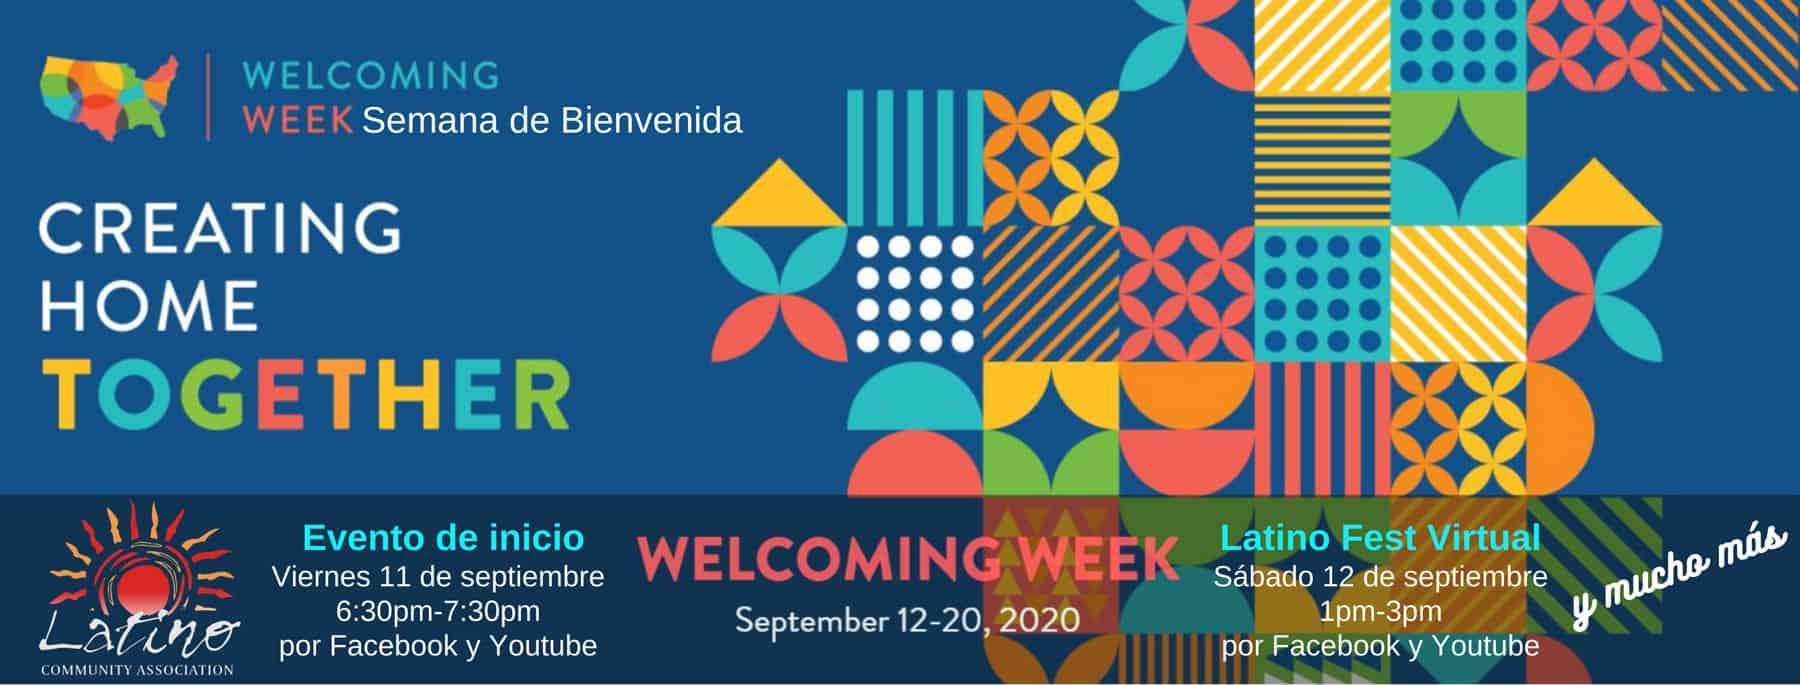 LCA-Semana-de-Bienvenida-Banner-With-Dates_1800